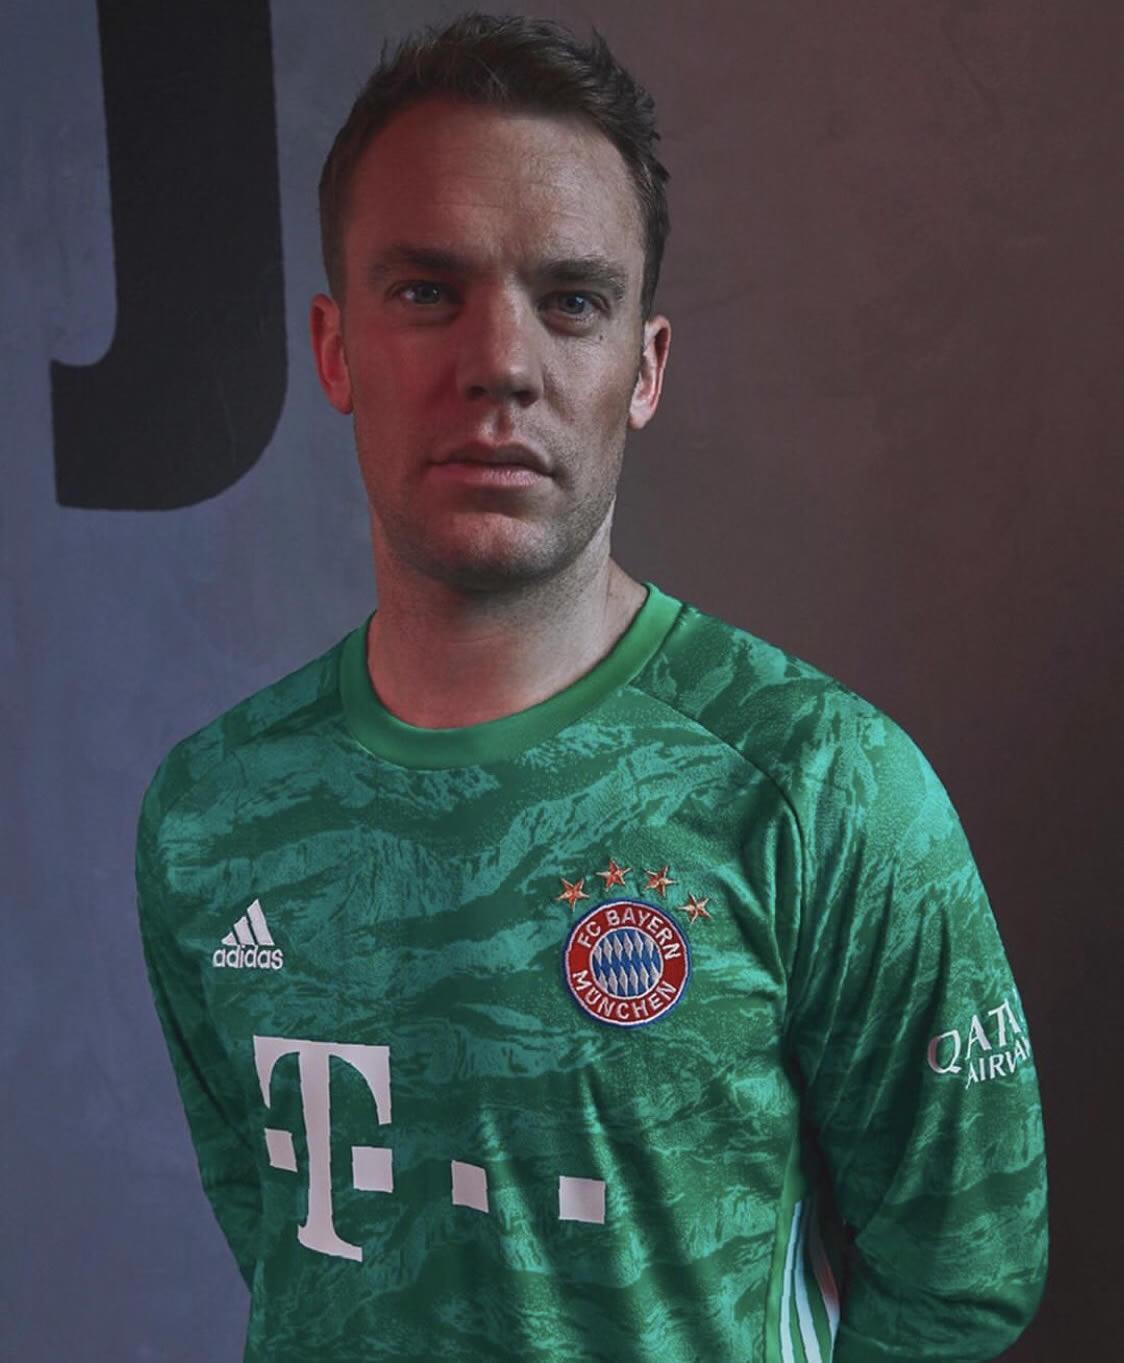 Camiseta Adidas del Bayern Munich 2019/2020